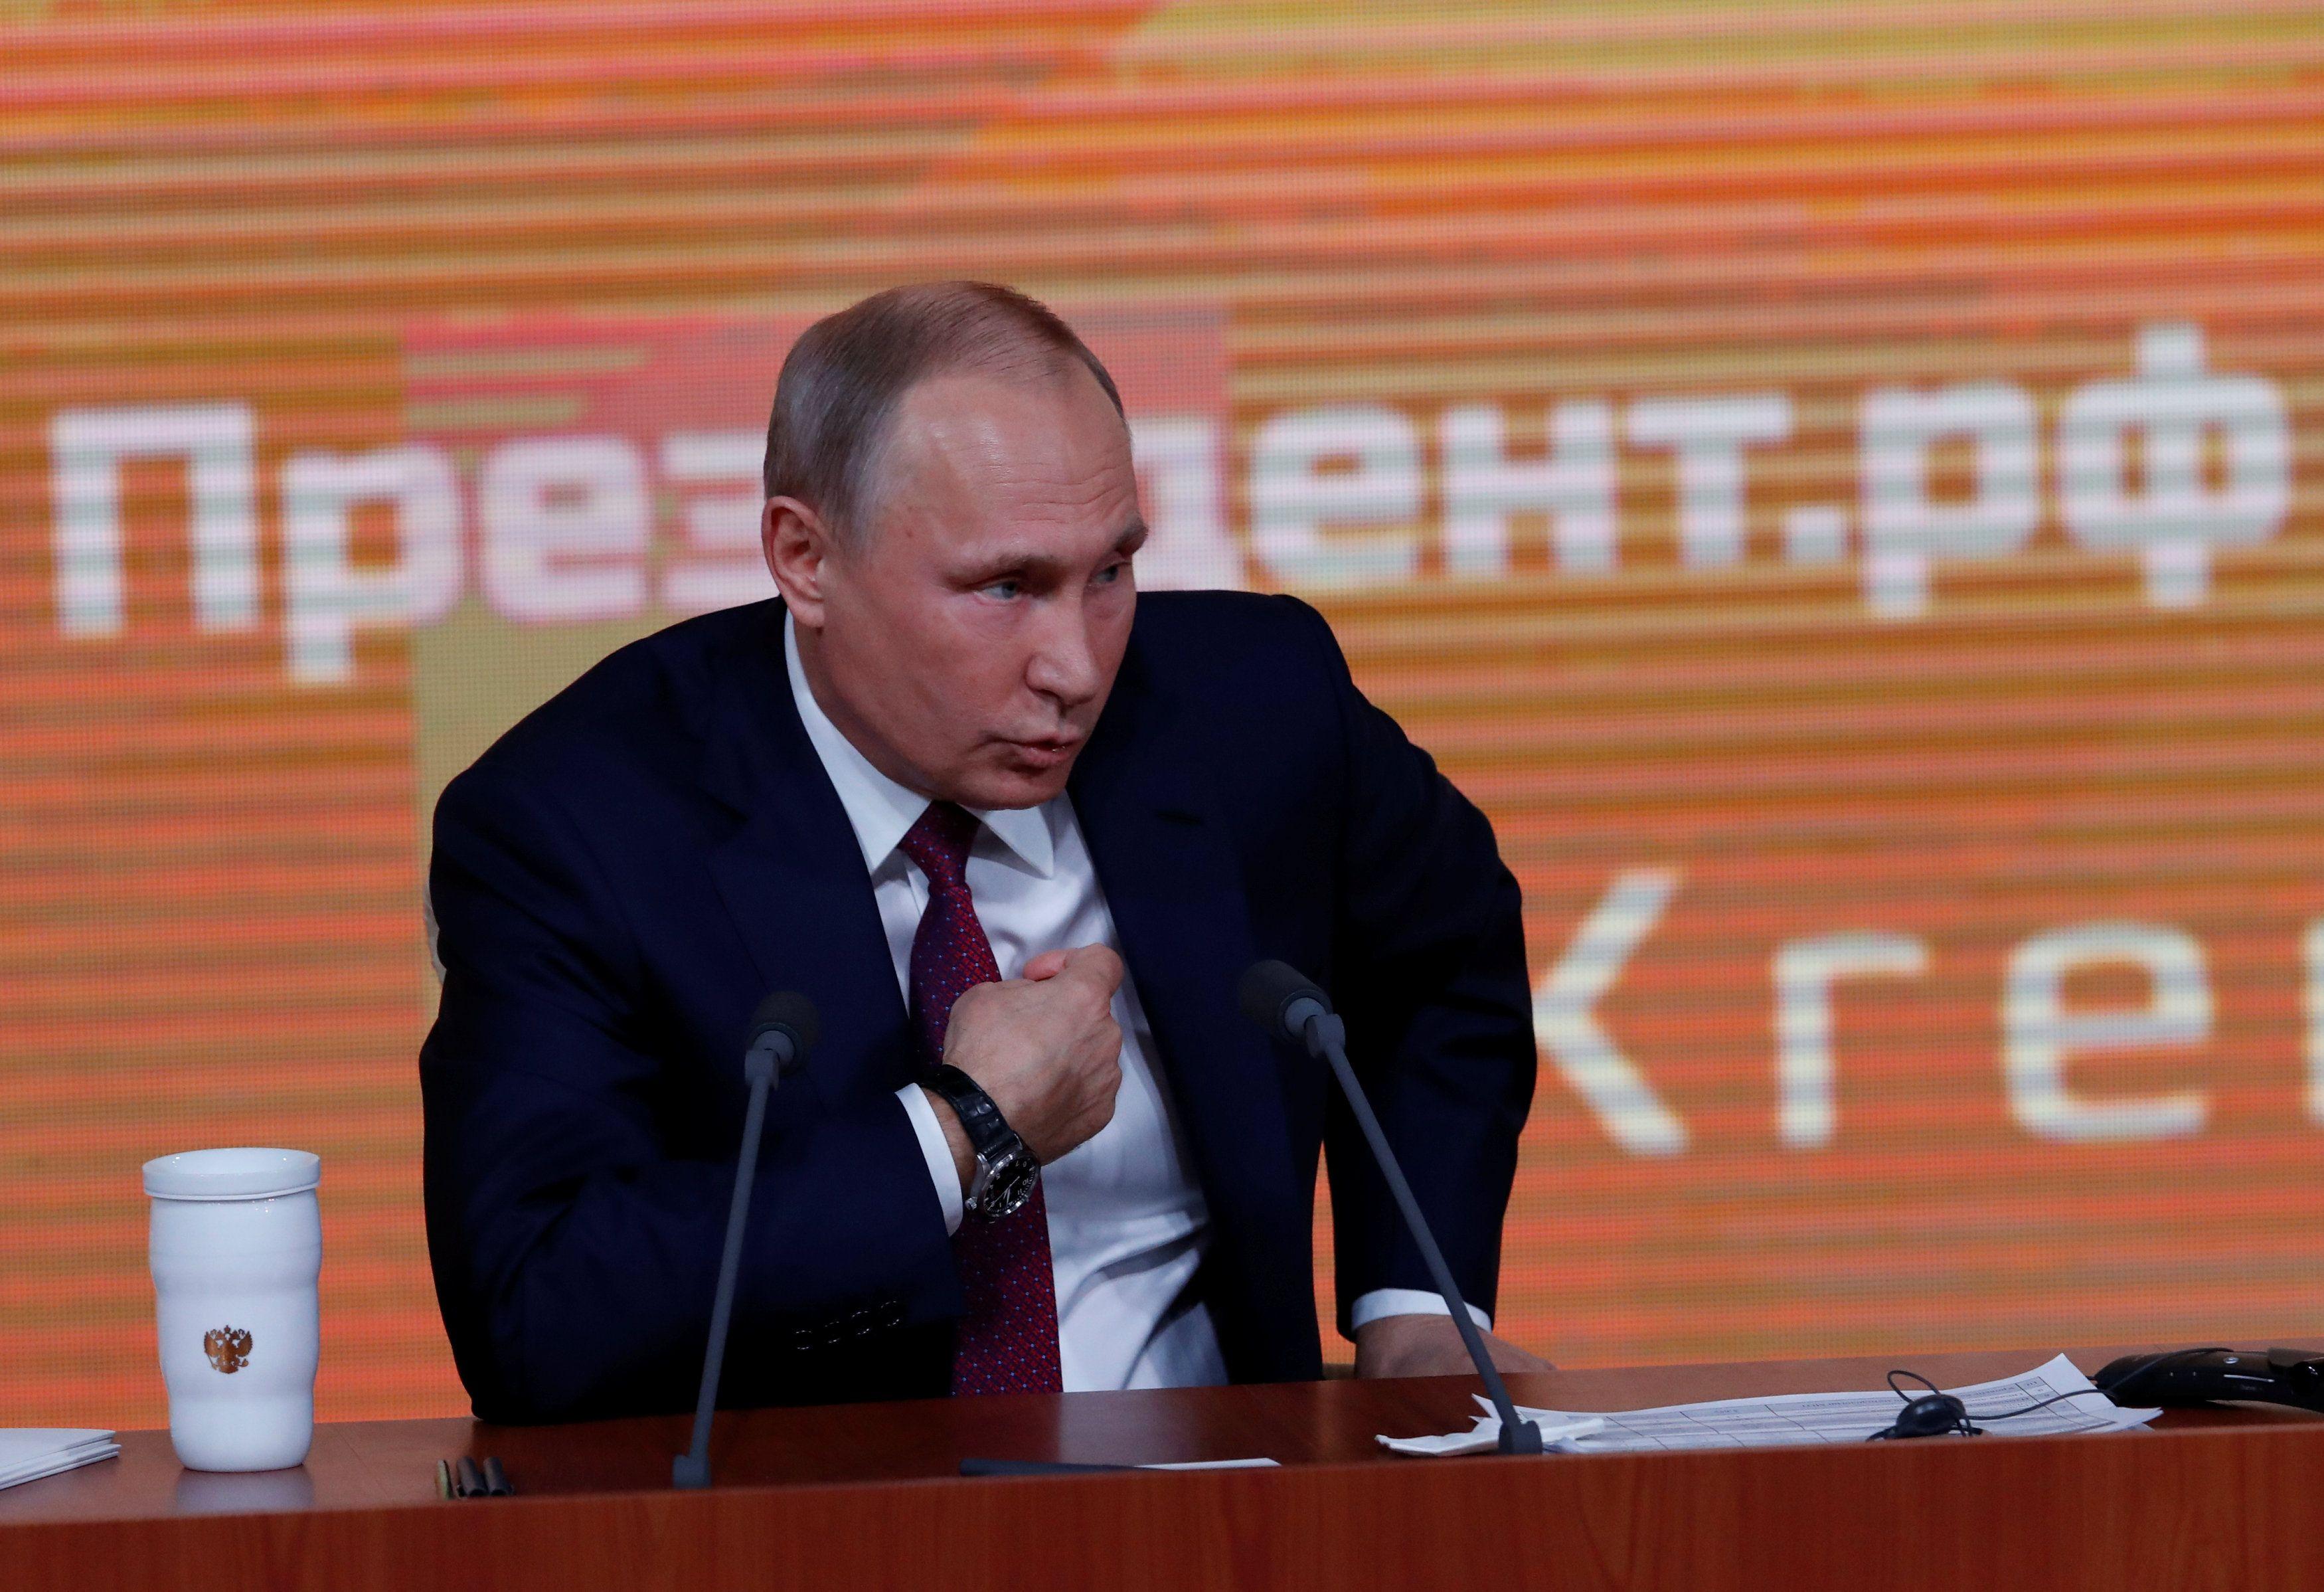 Пресс-конференция Владимира Путина — очередное многочасовое шоу вранья, считает Александр Сотник